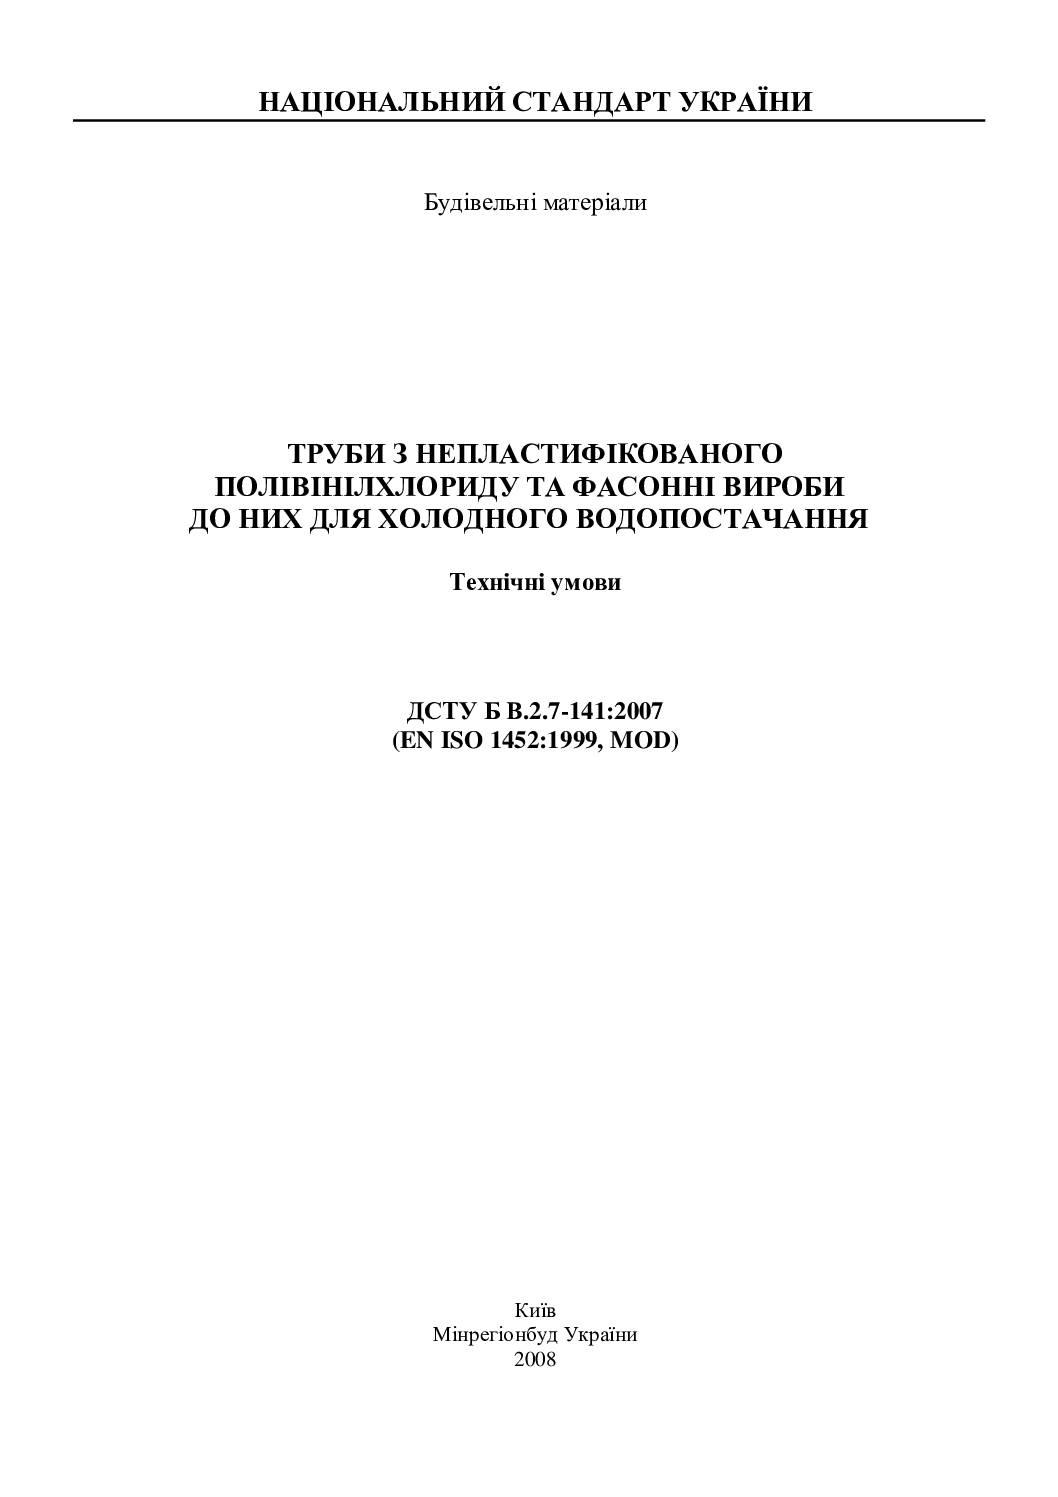 ДСТУ Б.В.2.7-141:2007